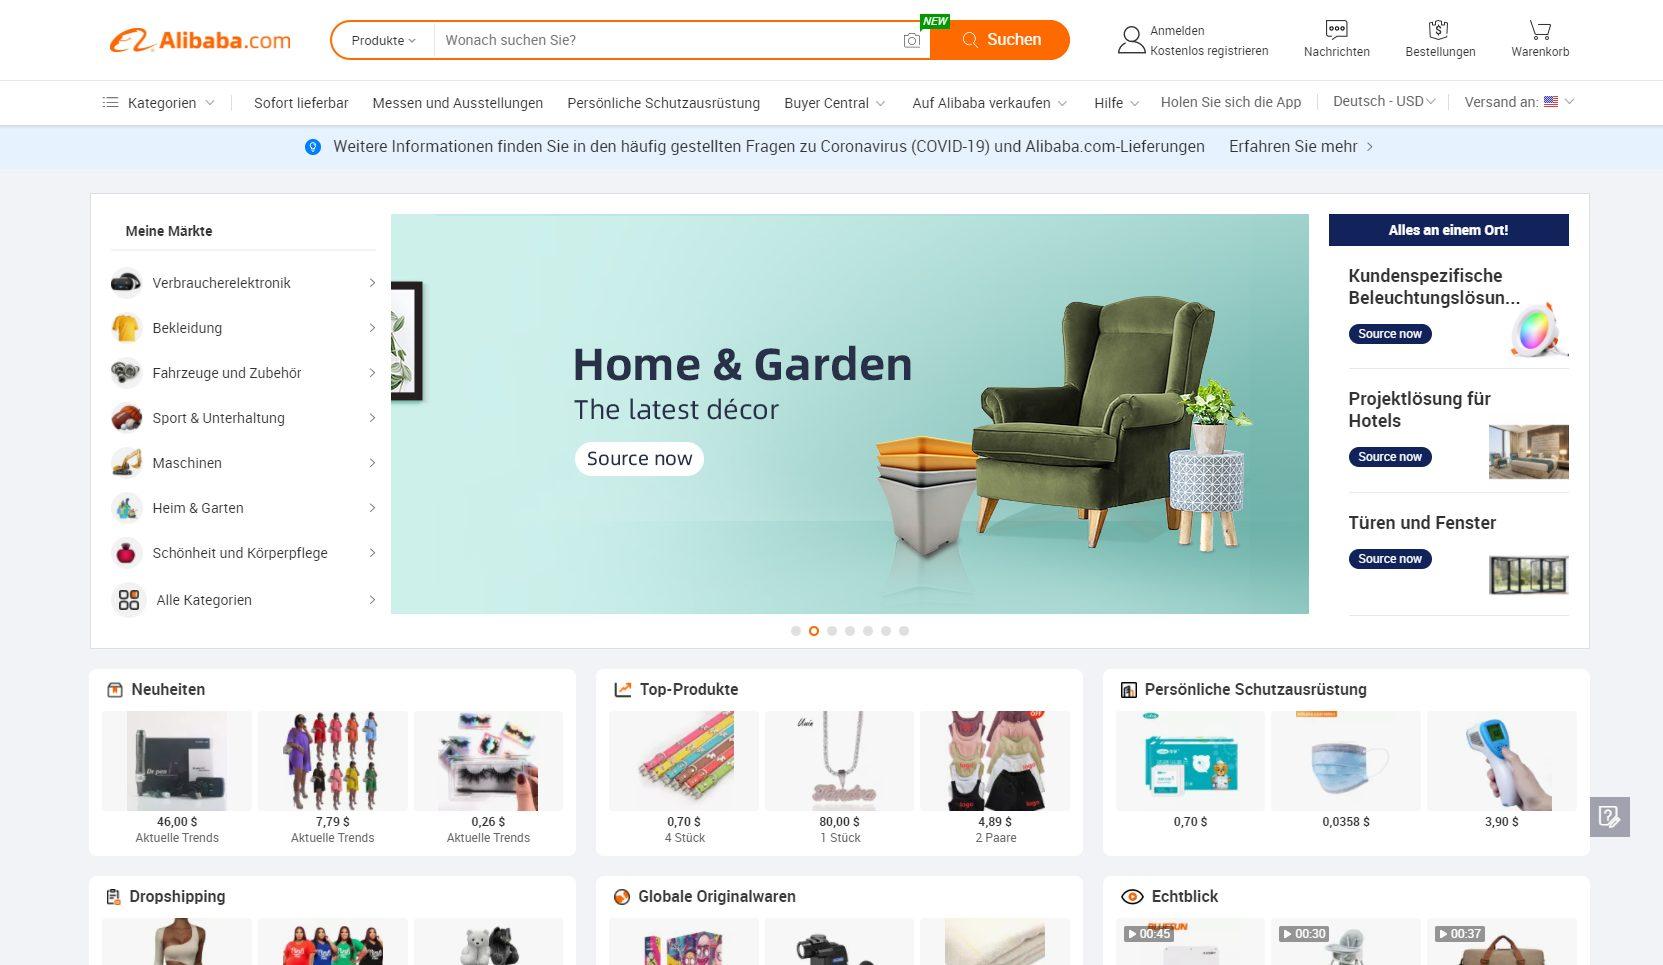 Offizielle Webseite von Alibaba